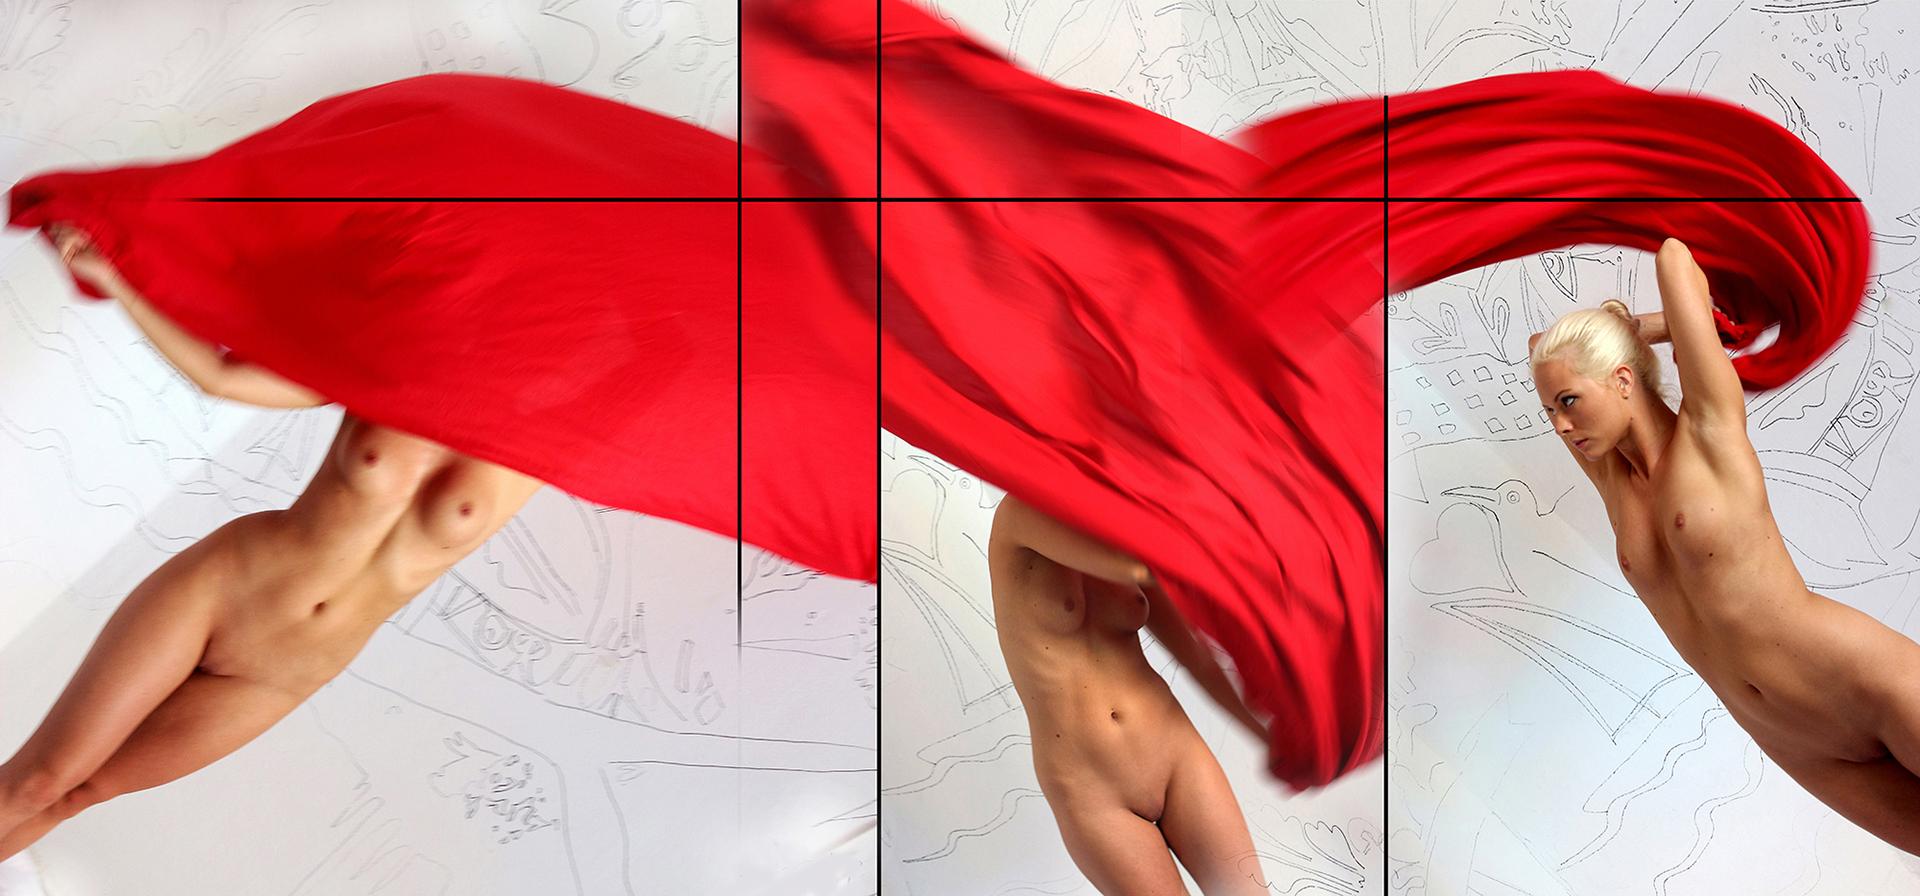 Eifert János: Nude with red Drapery (Esztergom, 2014)